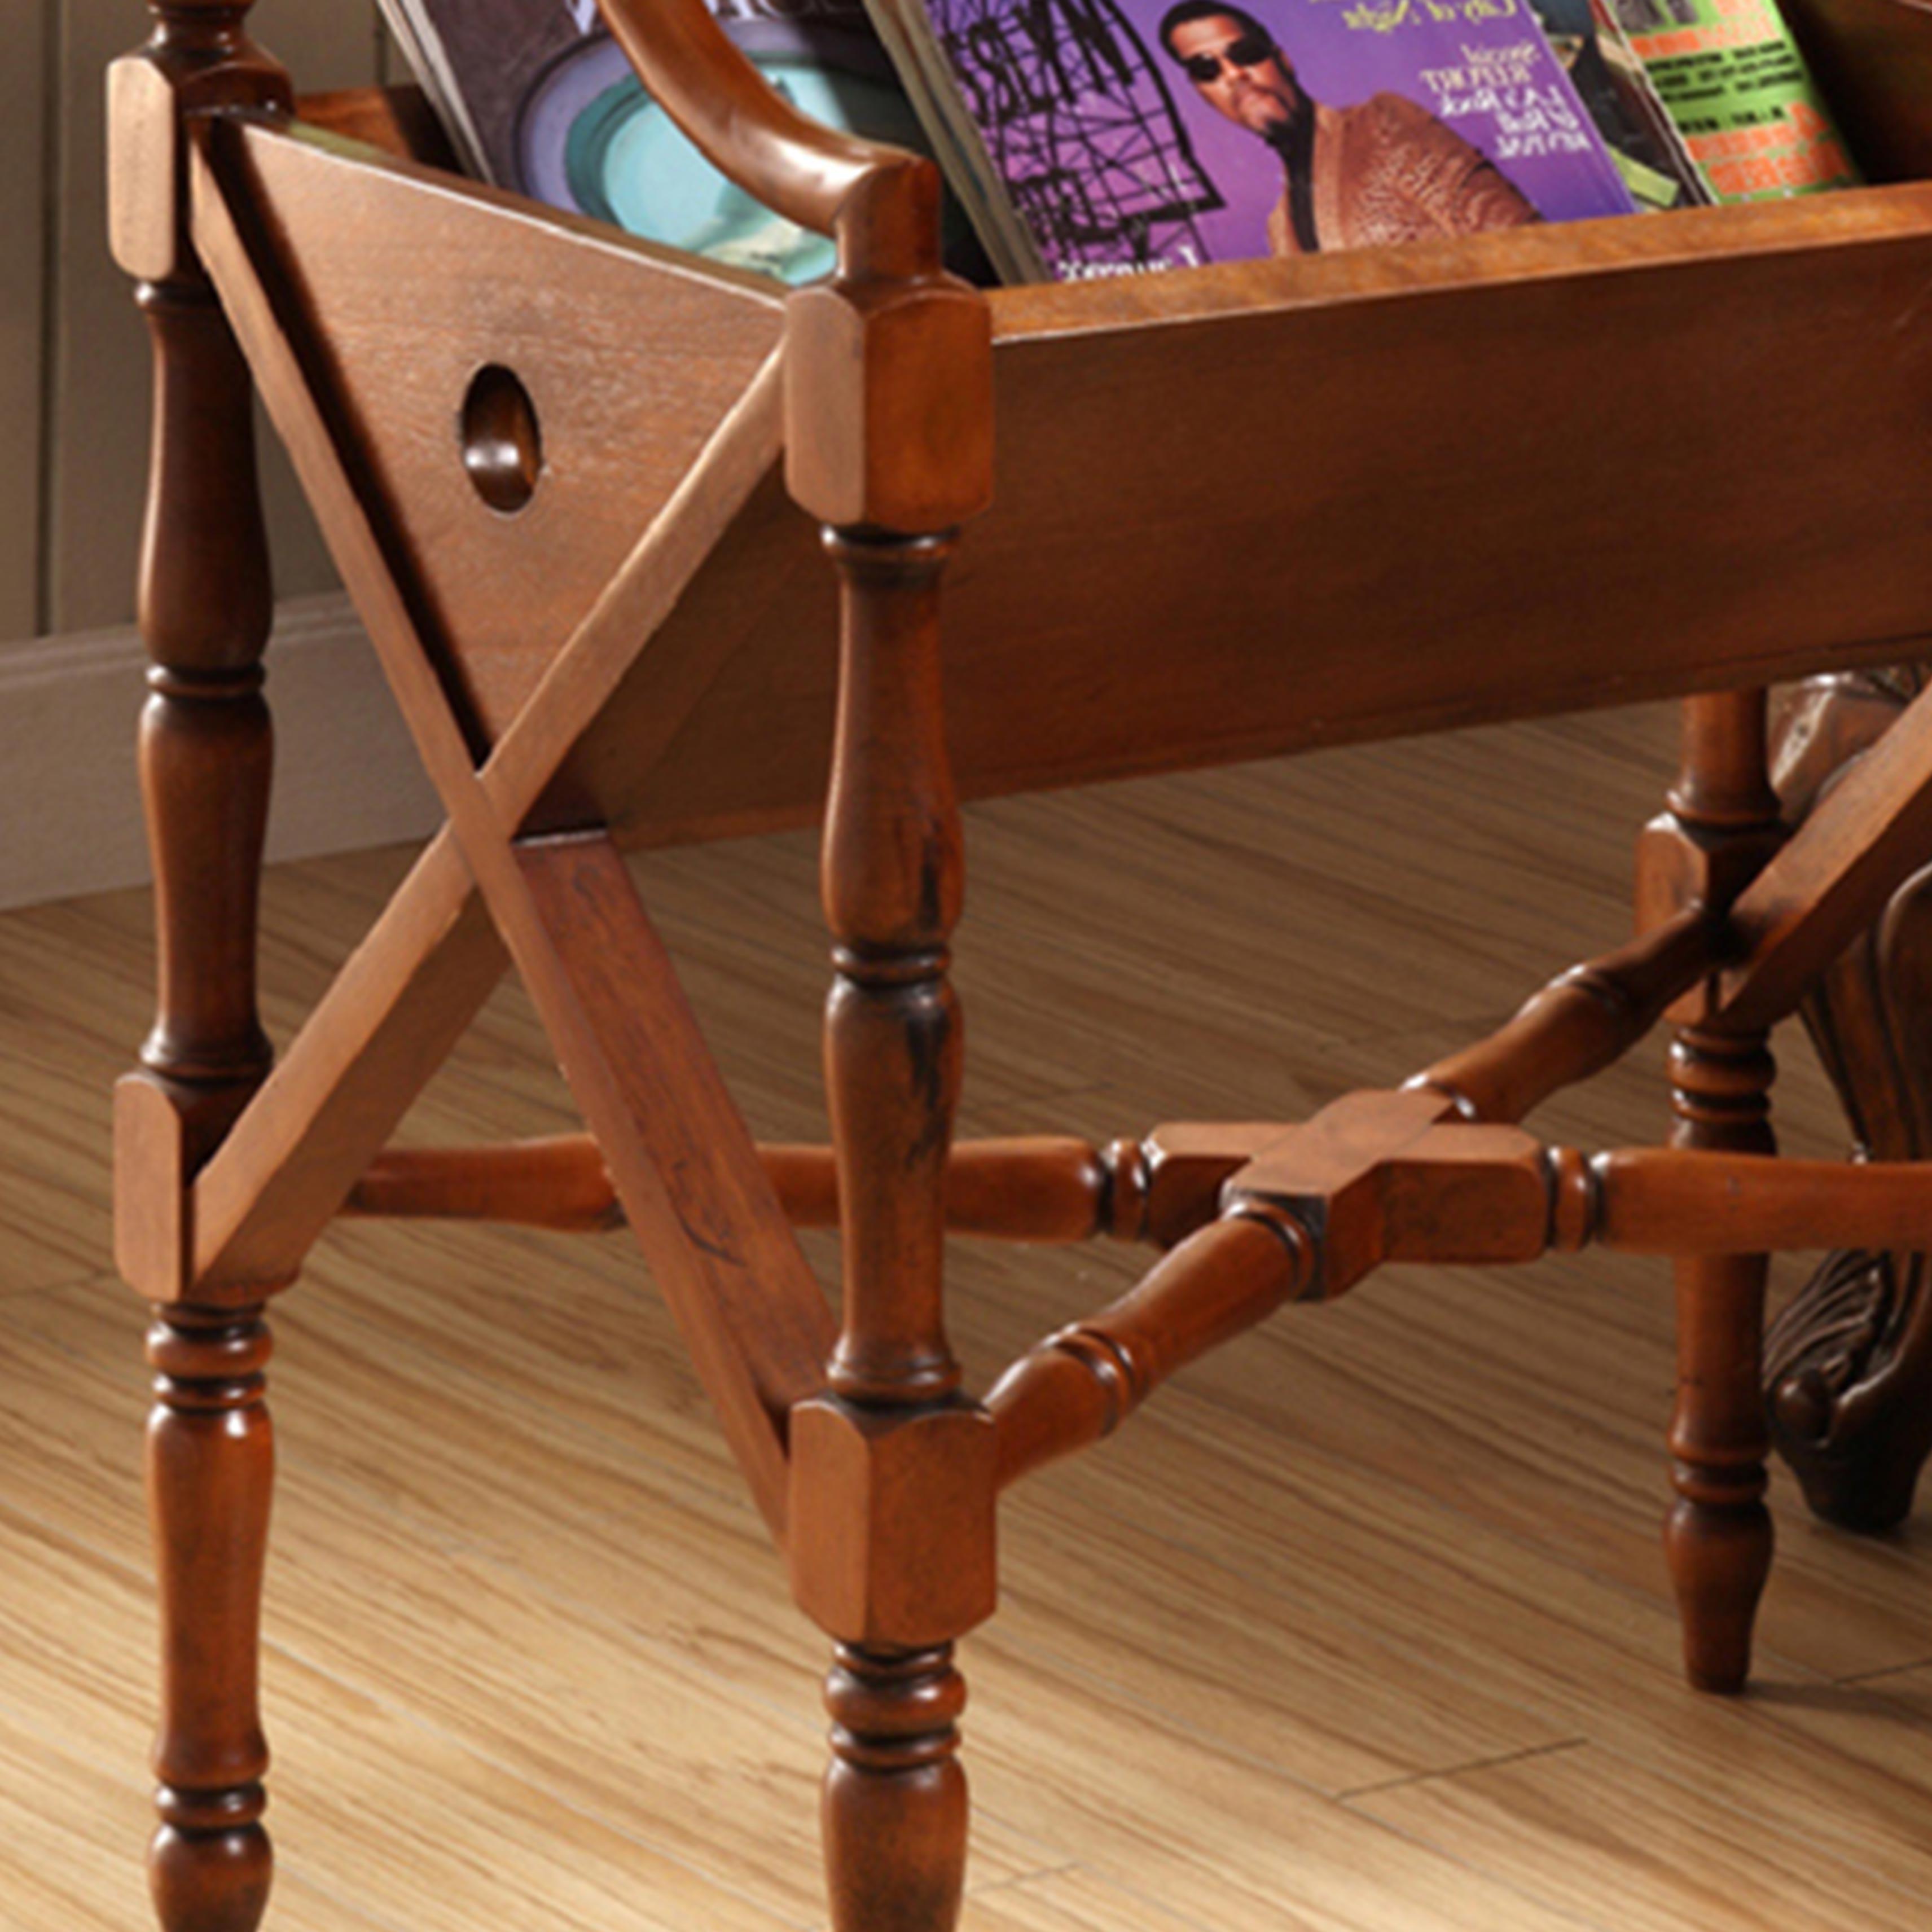 美式乡村复古杂志书报架 办公室落地立式木质实用创意收纳报刊架